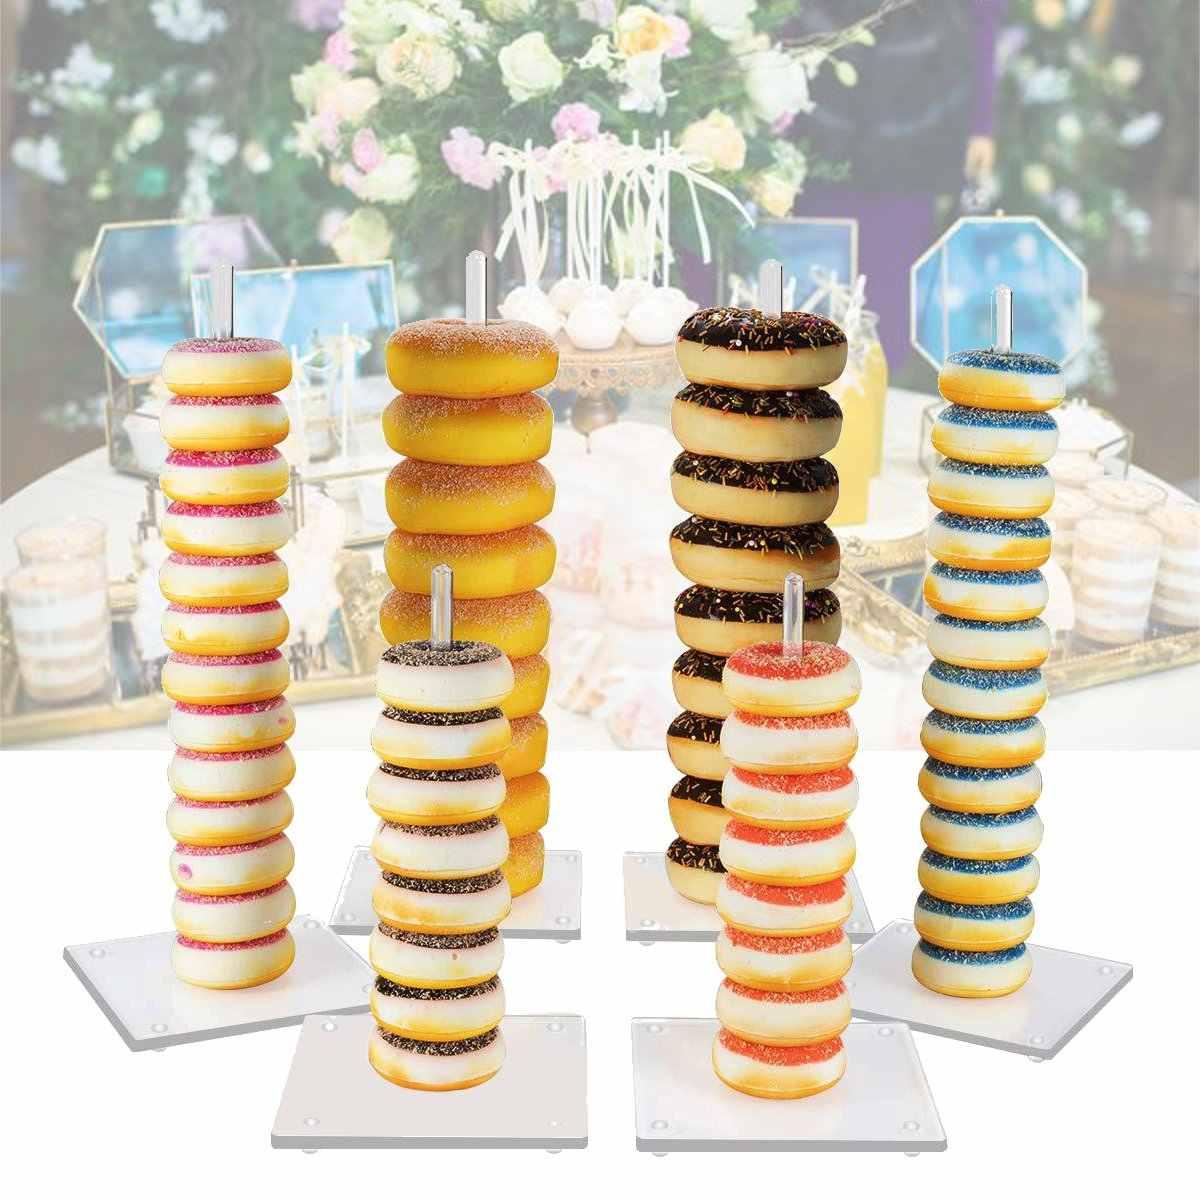 6 ชิ้น/เซ็ตโดนัทขาตั้ง Donut Wall ผู้ถือจอแสดงผลงานแต่งงานตกแต่งอะคริลิค Candy Sweet Rack วันเกิด Baby Shower PARTY Favor